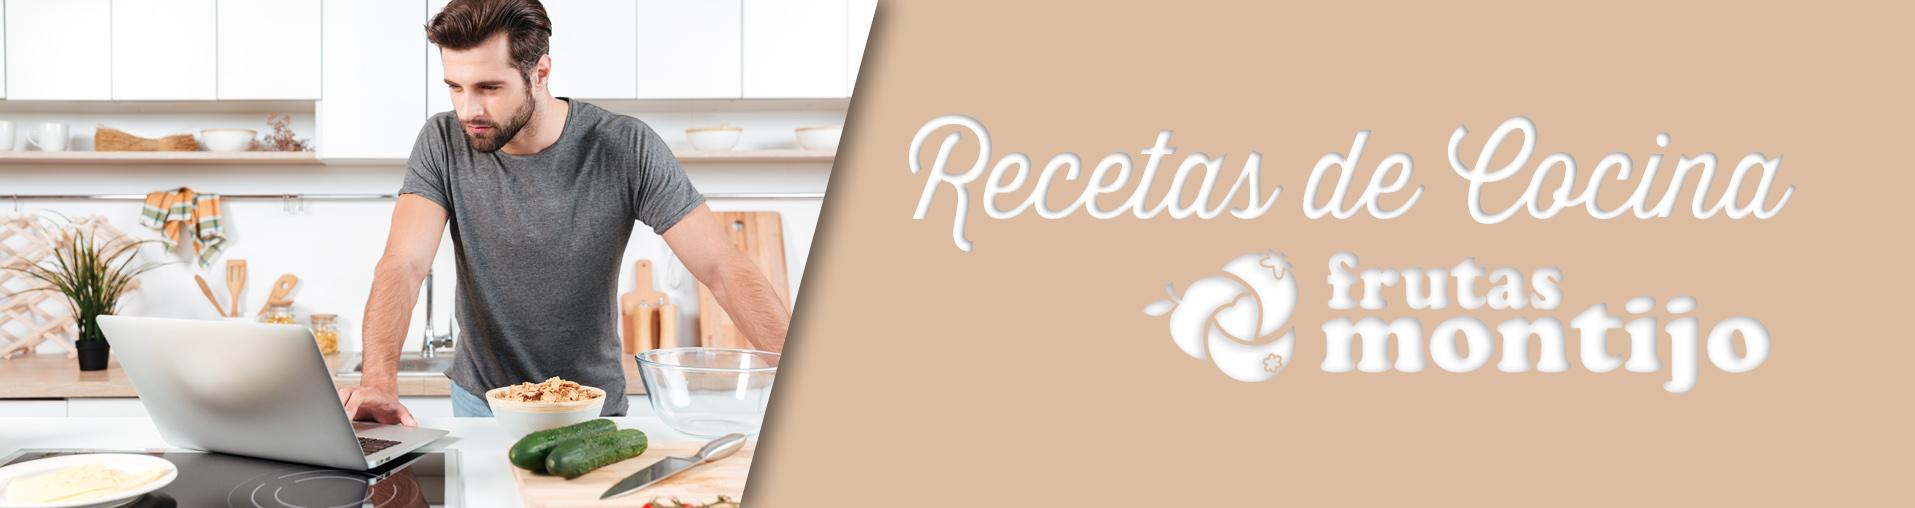 Cabecera Blog Recetas de Cocina